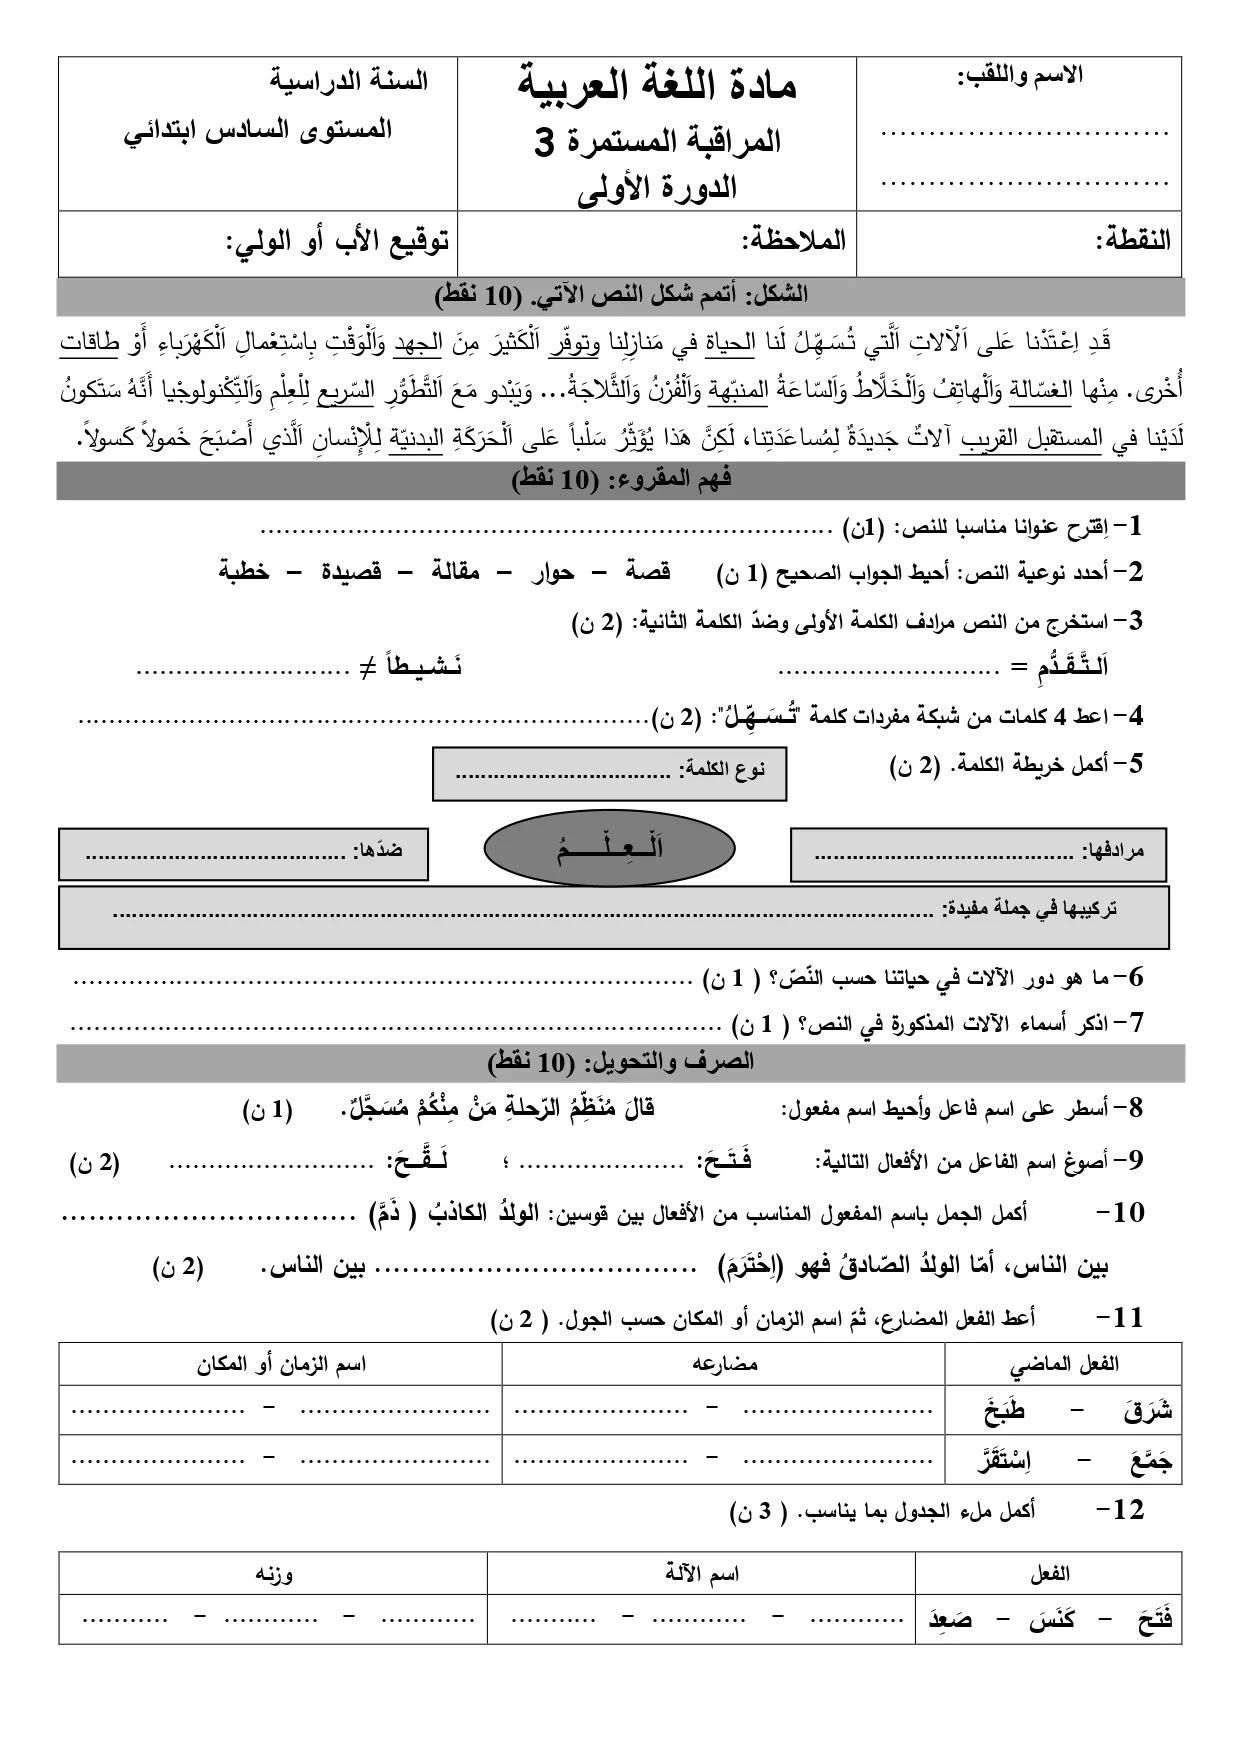 فرض المرحلة الثالثة لمادة اللغة العربية للمستوى السادس وفق المنهاج المنقح الجديد